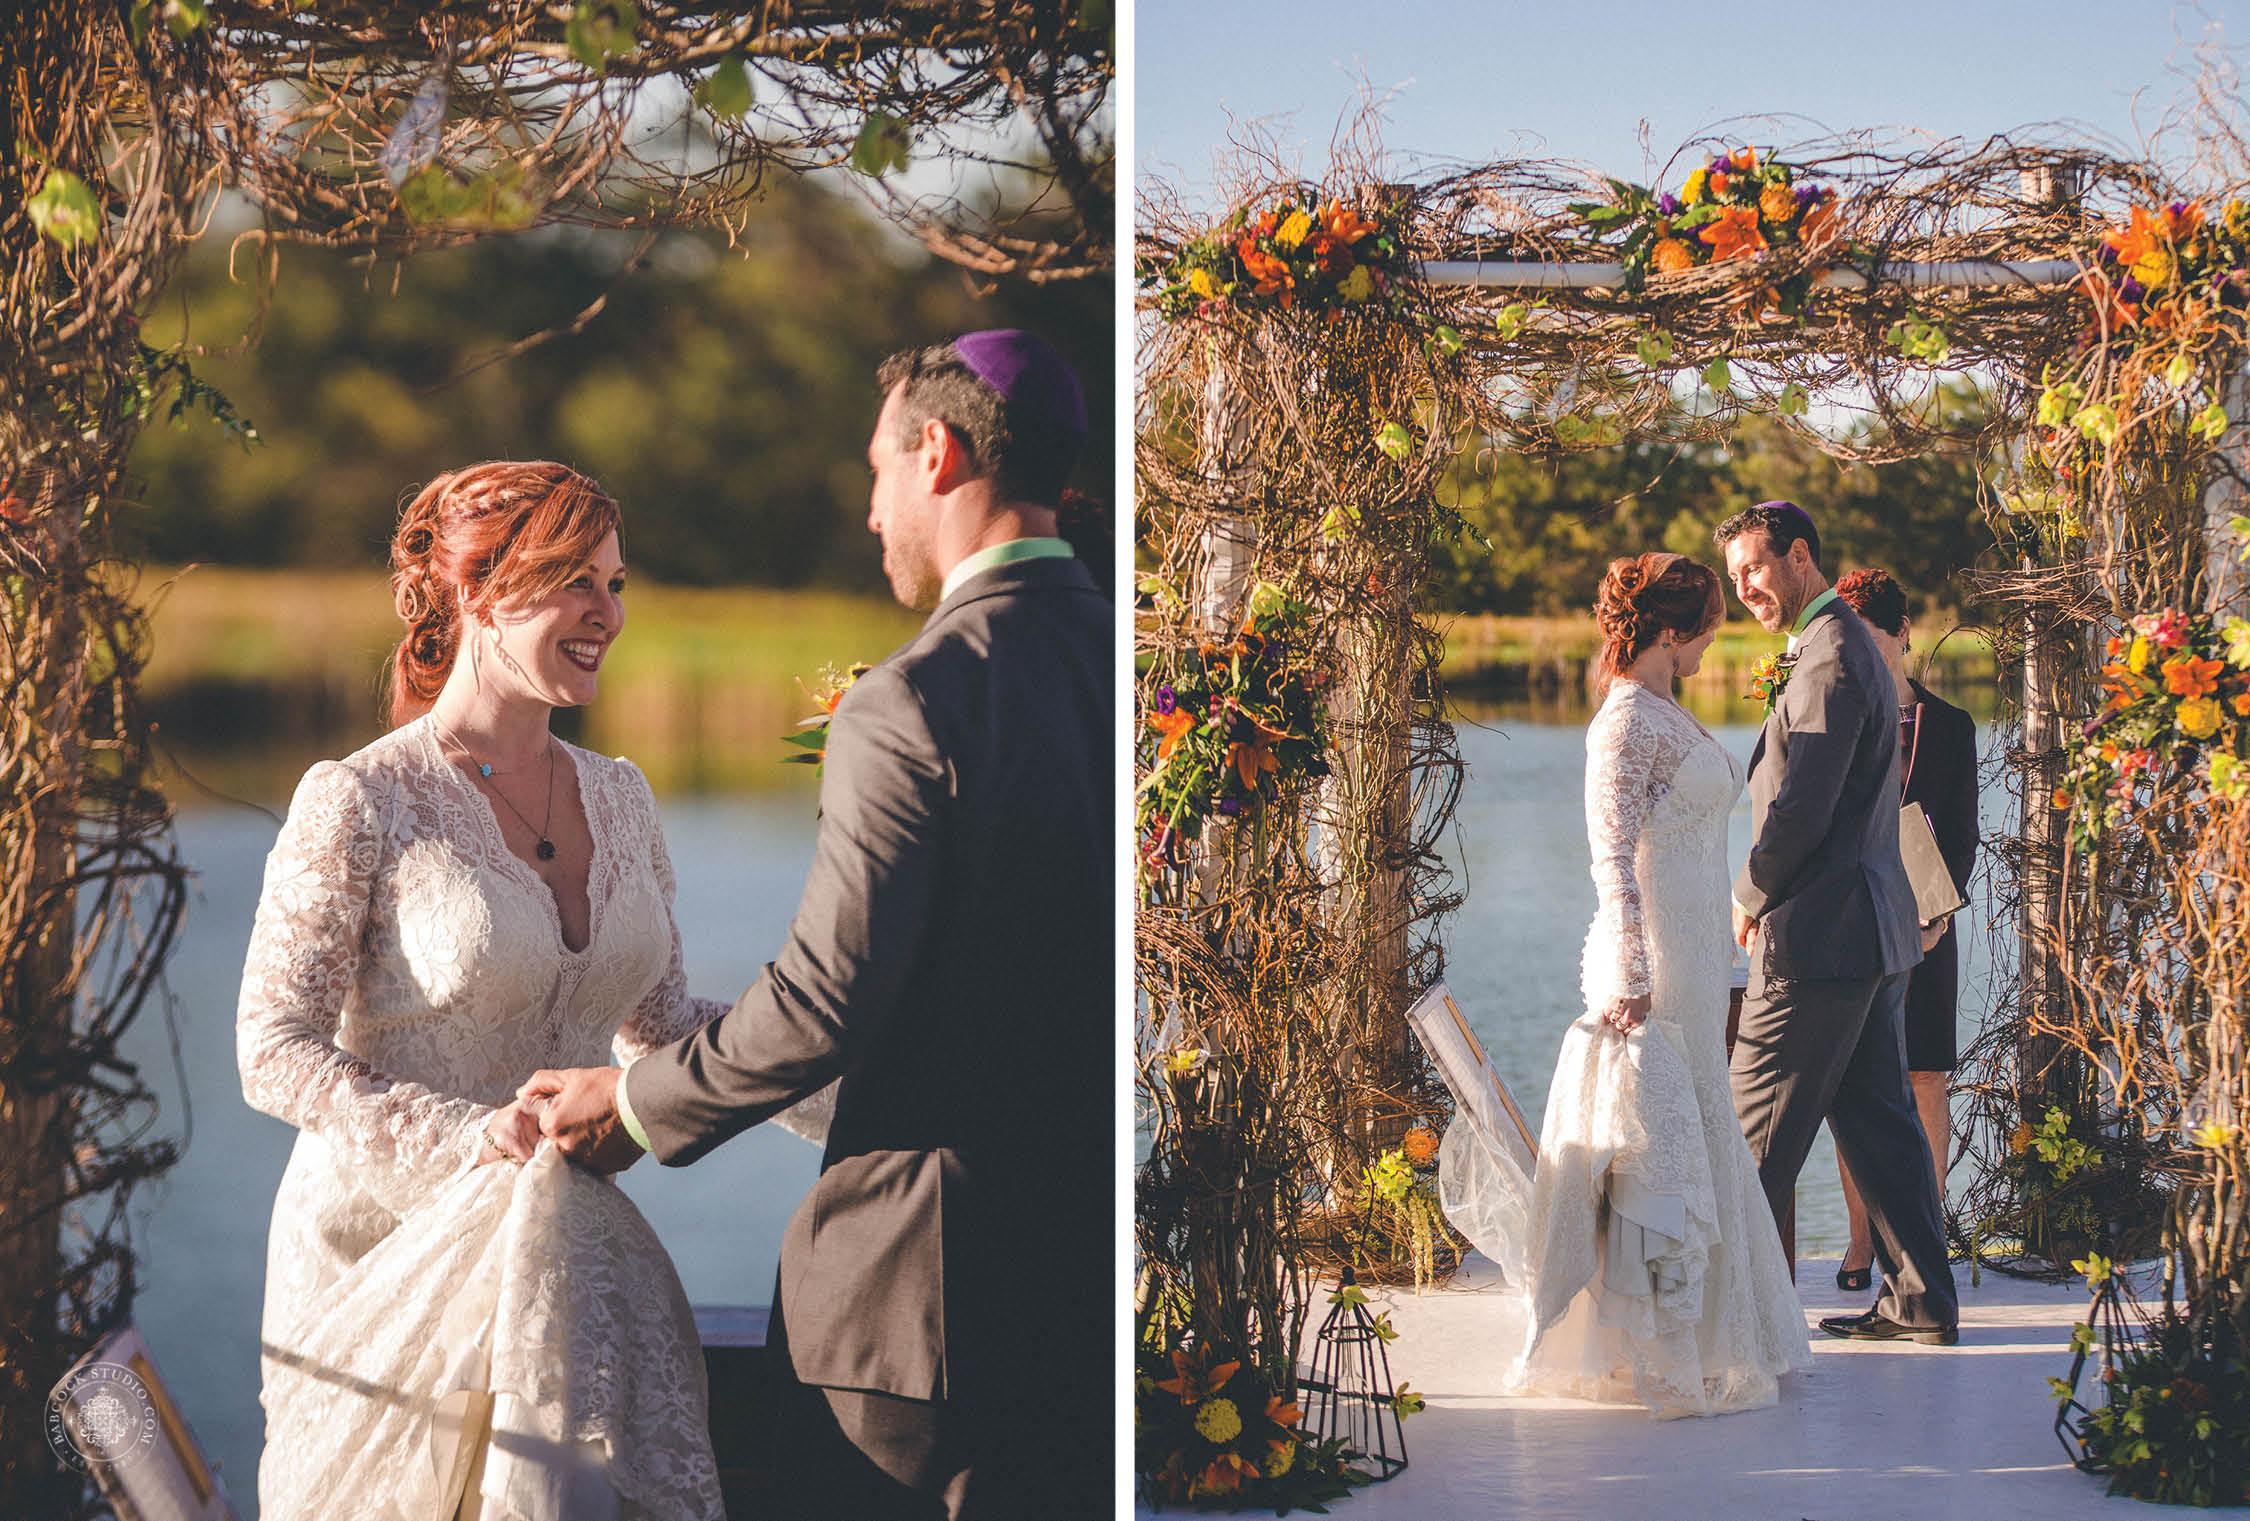 ehud-hope-wedding-photographer-dayton-ohio-15.jpg